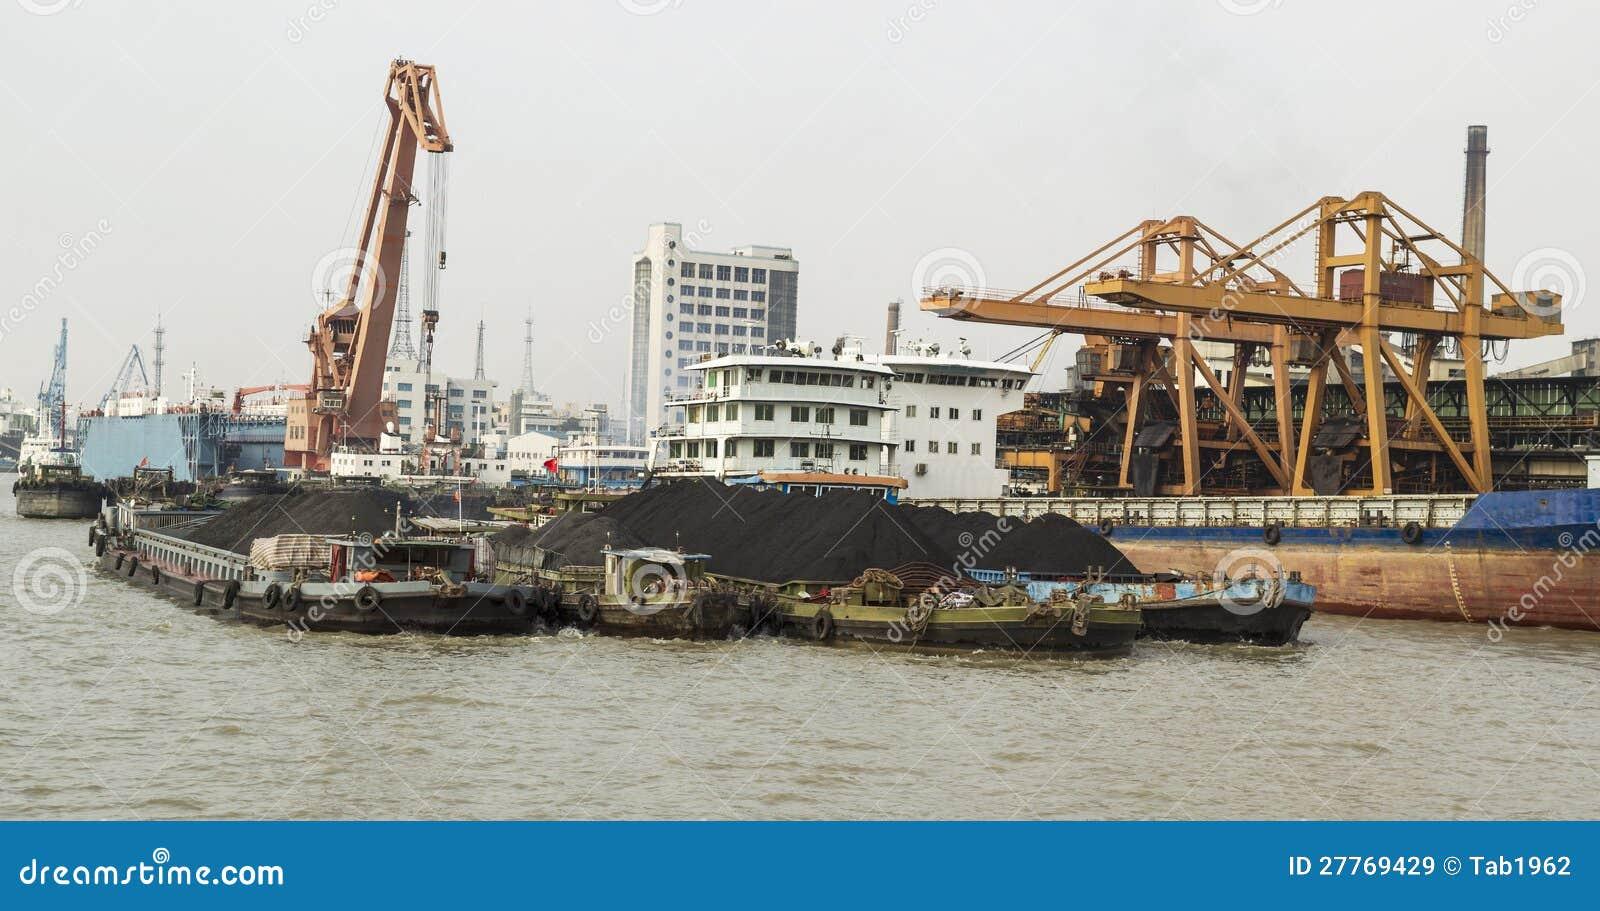 Saleté de terre rare sur des bateaux